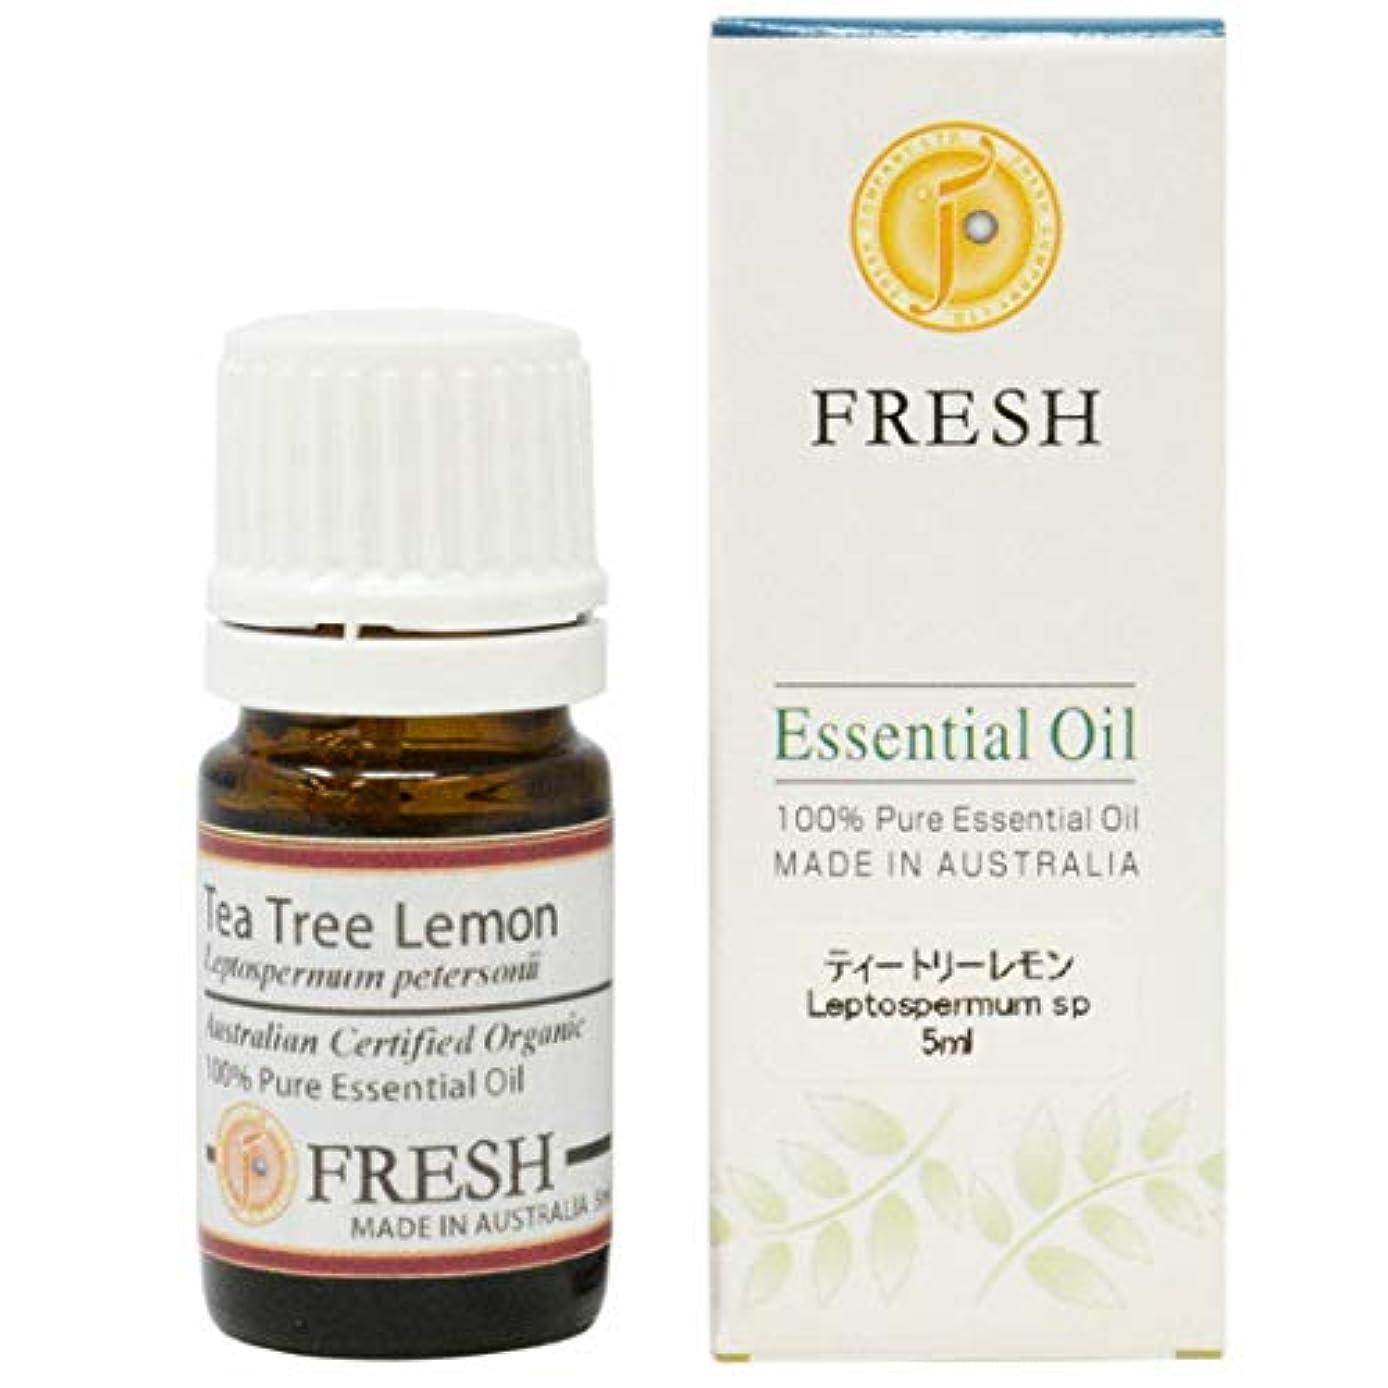 どこバストメンダシティFRESH オーガニック エッセンシャルオイル ティートリーレモン 5ml (FRESH 精油)